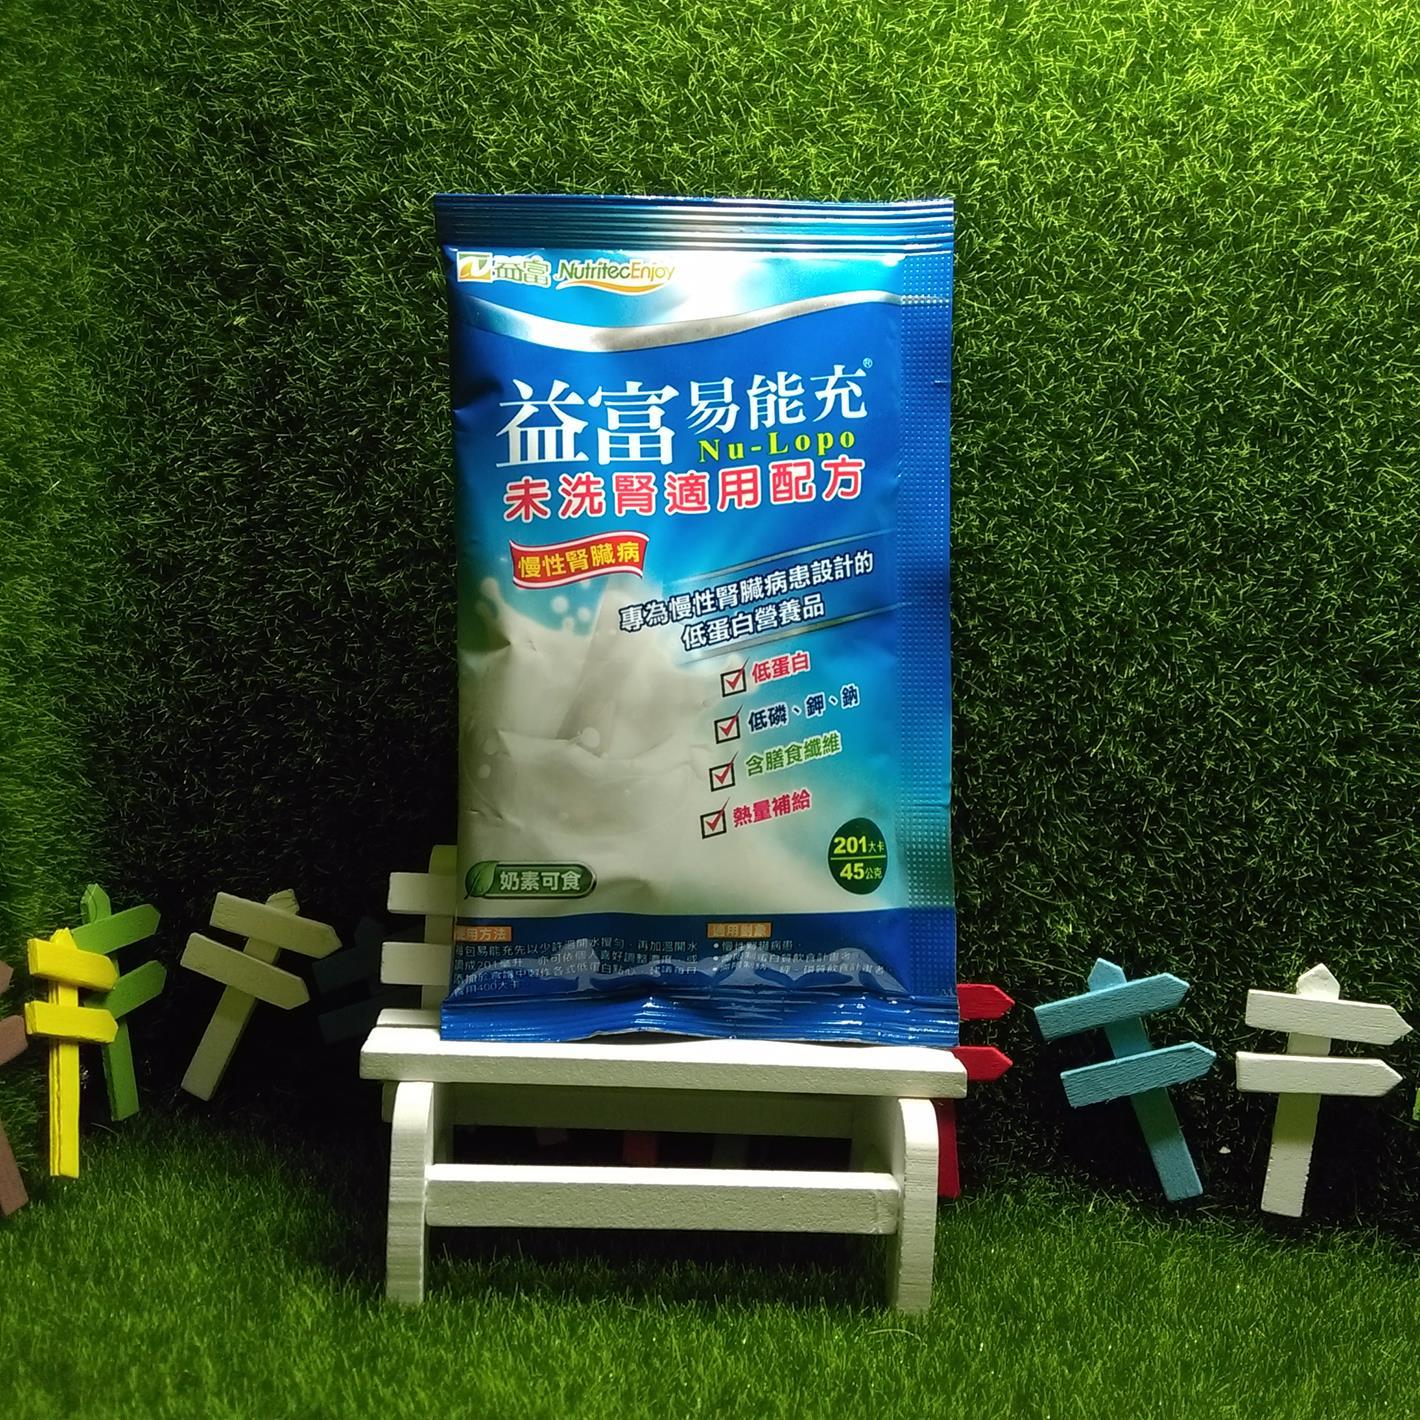 (超商最多60包)#益富 易能充 45g*30包裸裝#洗腎前專用奶粉 奶素可食